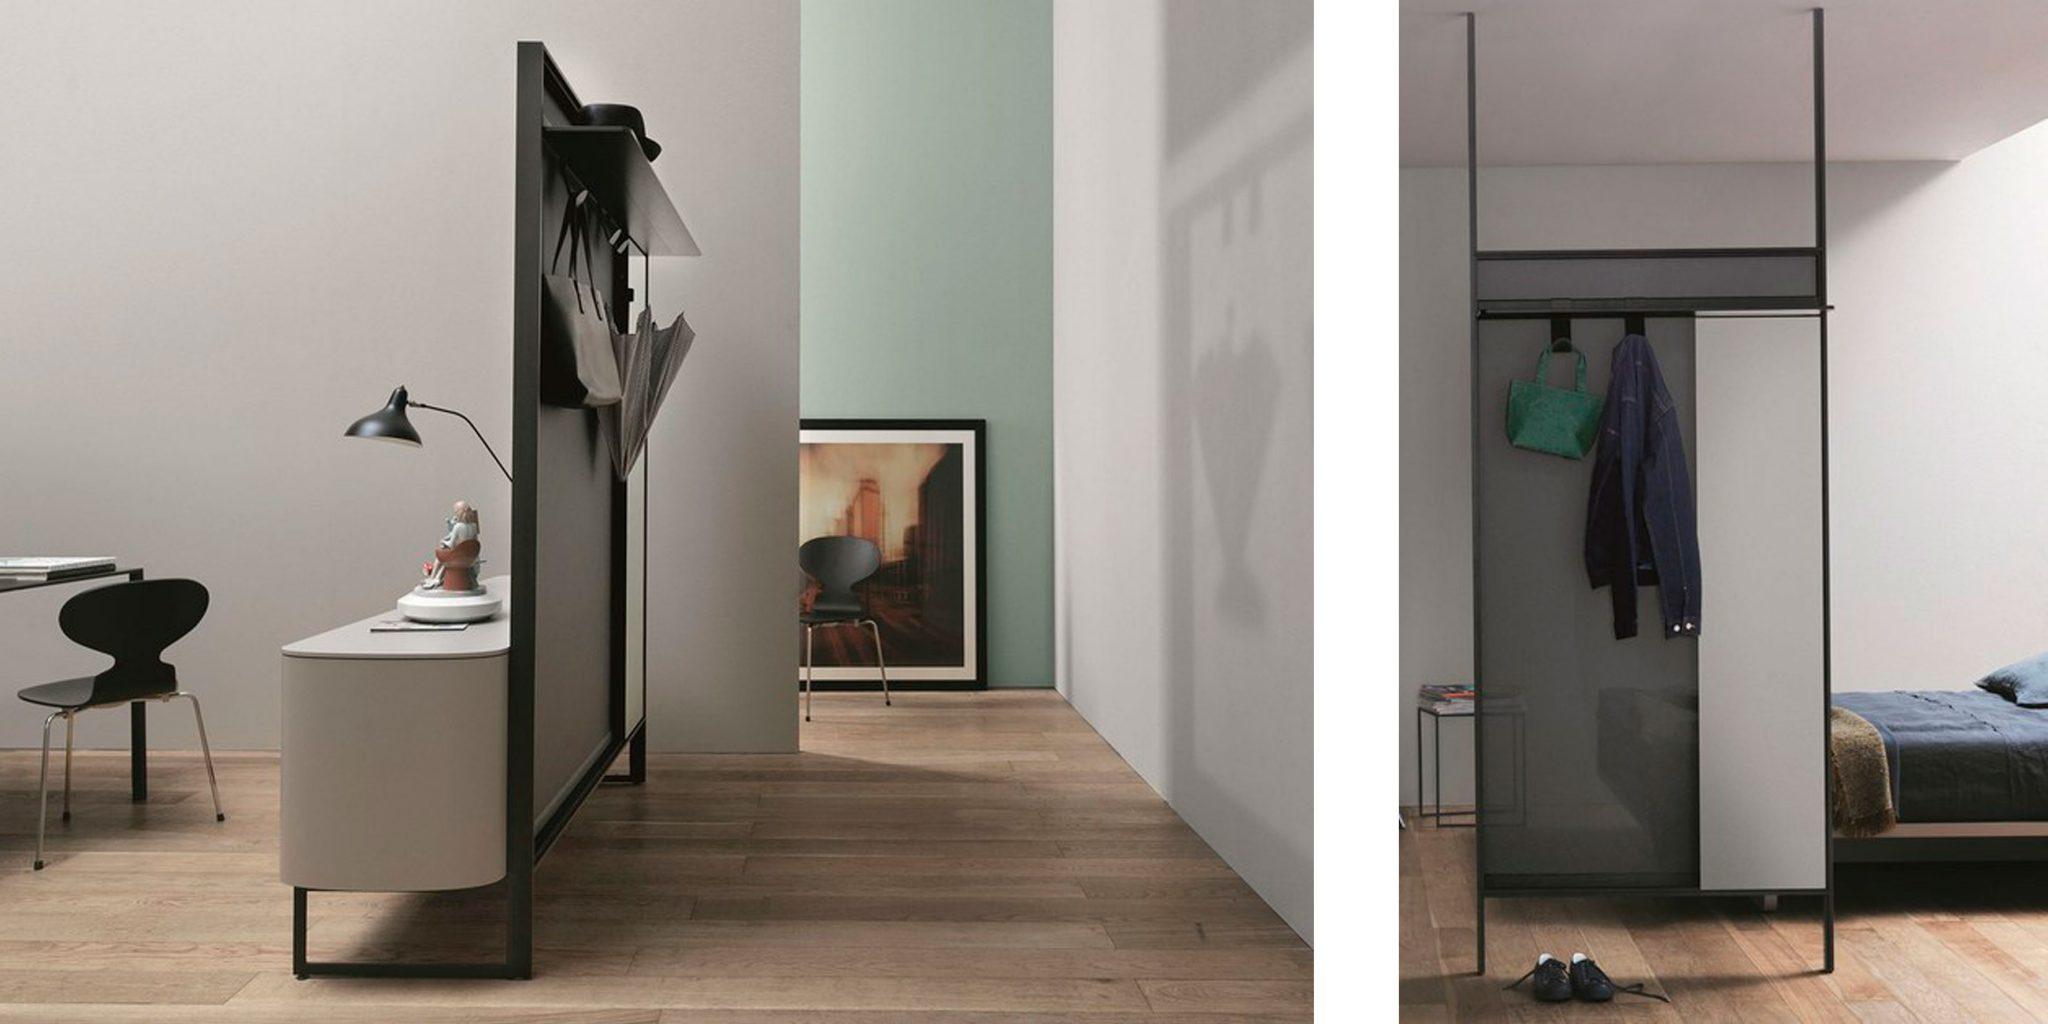 Картинка с вариантами зонирования помещения для квартиры студии